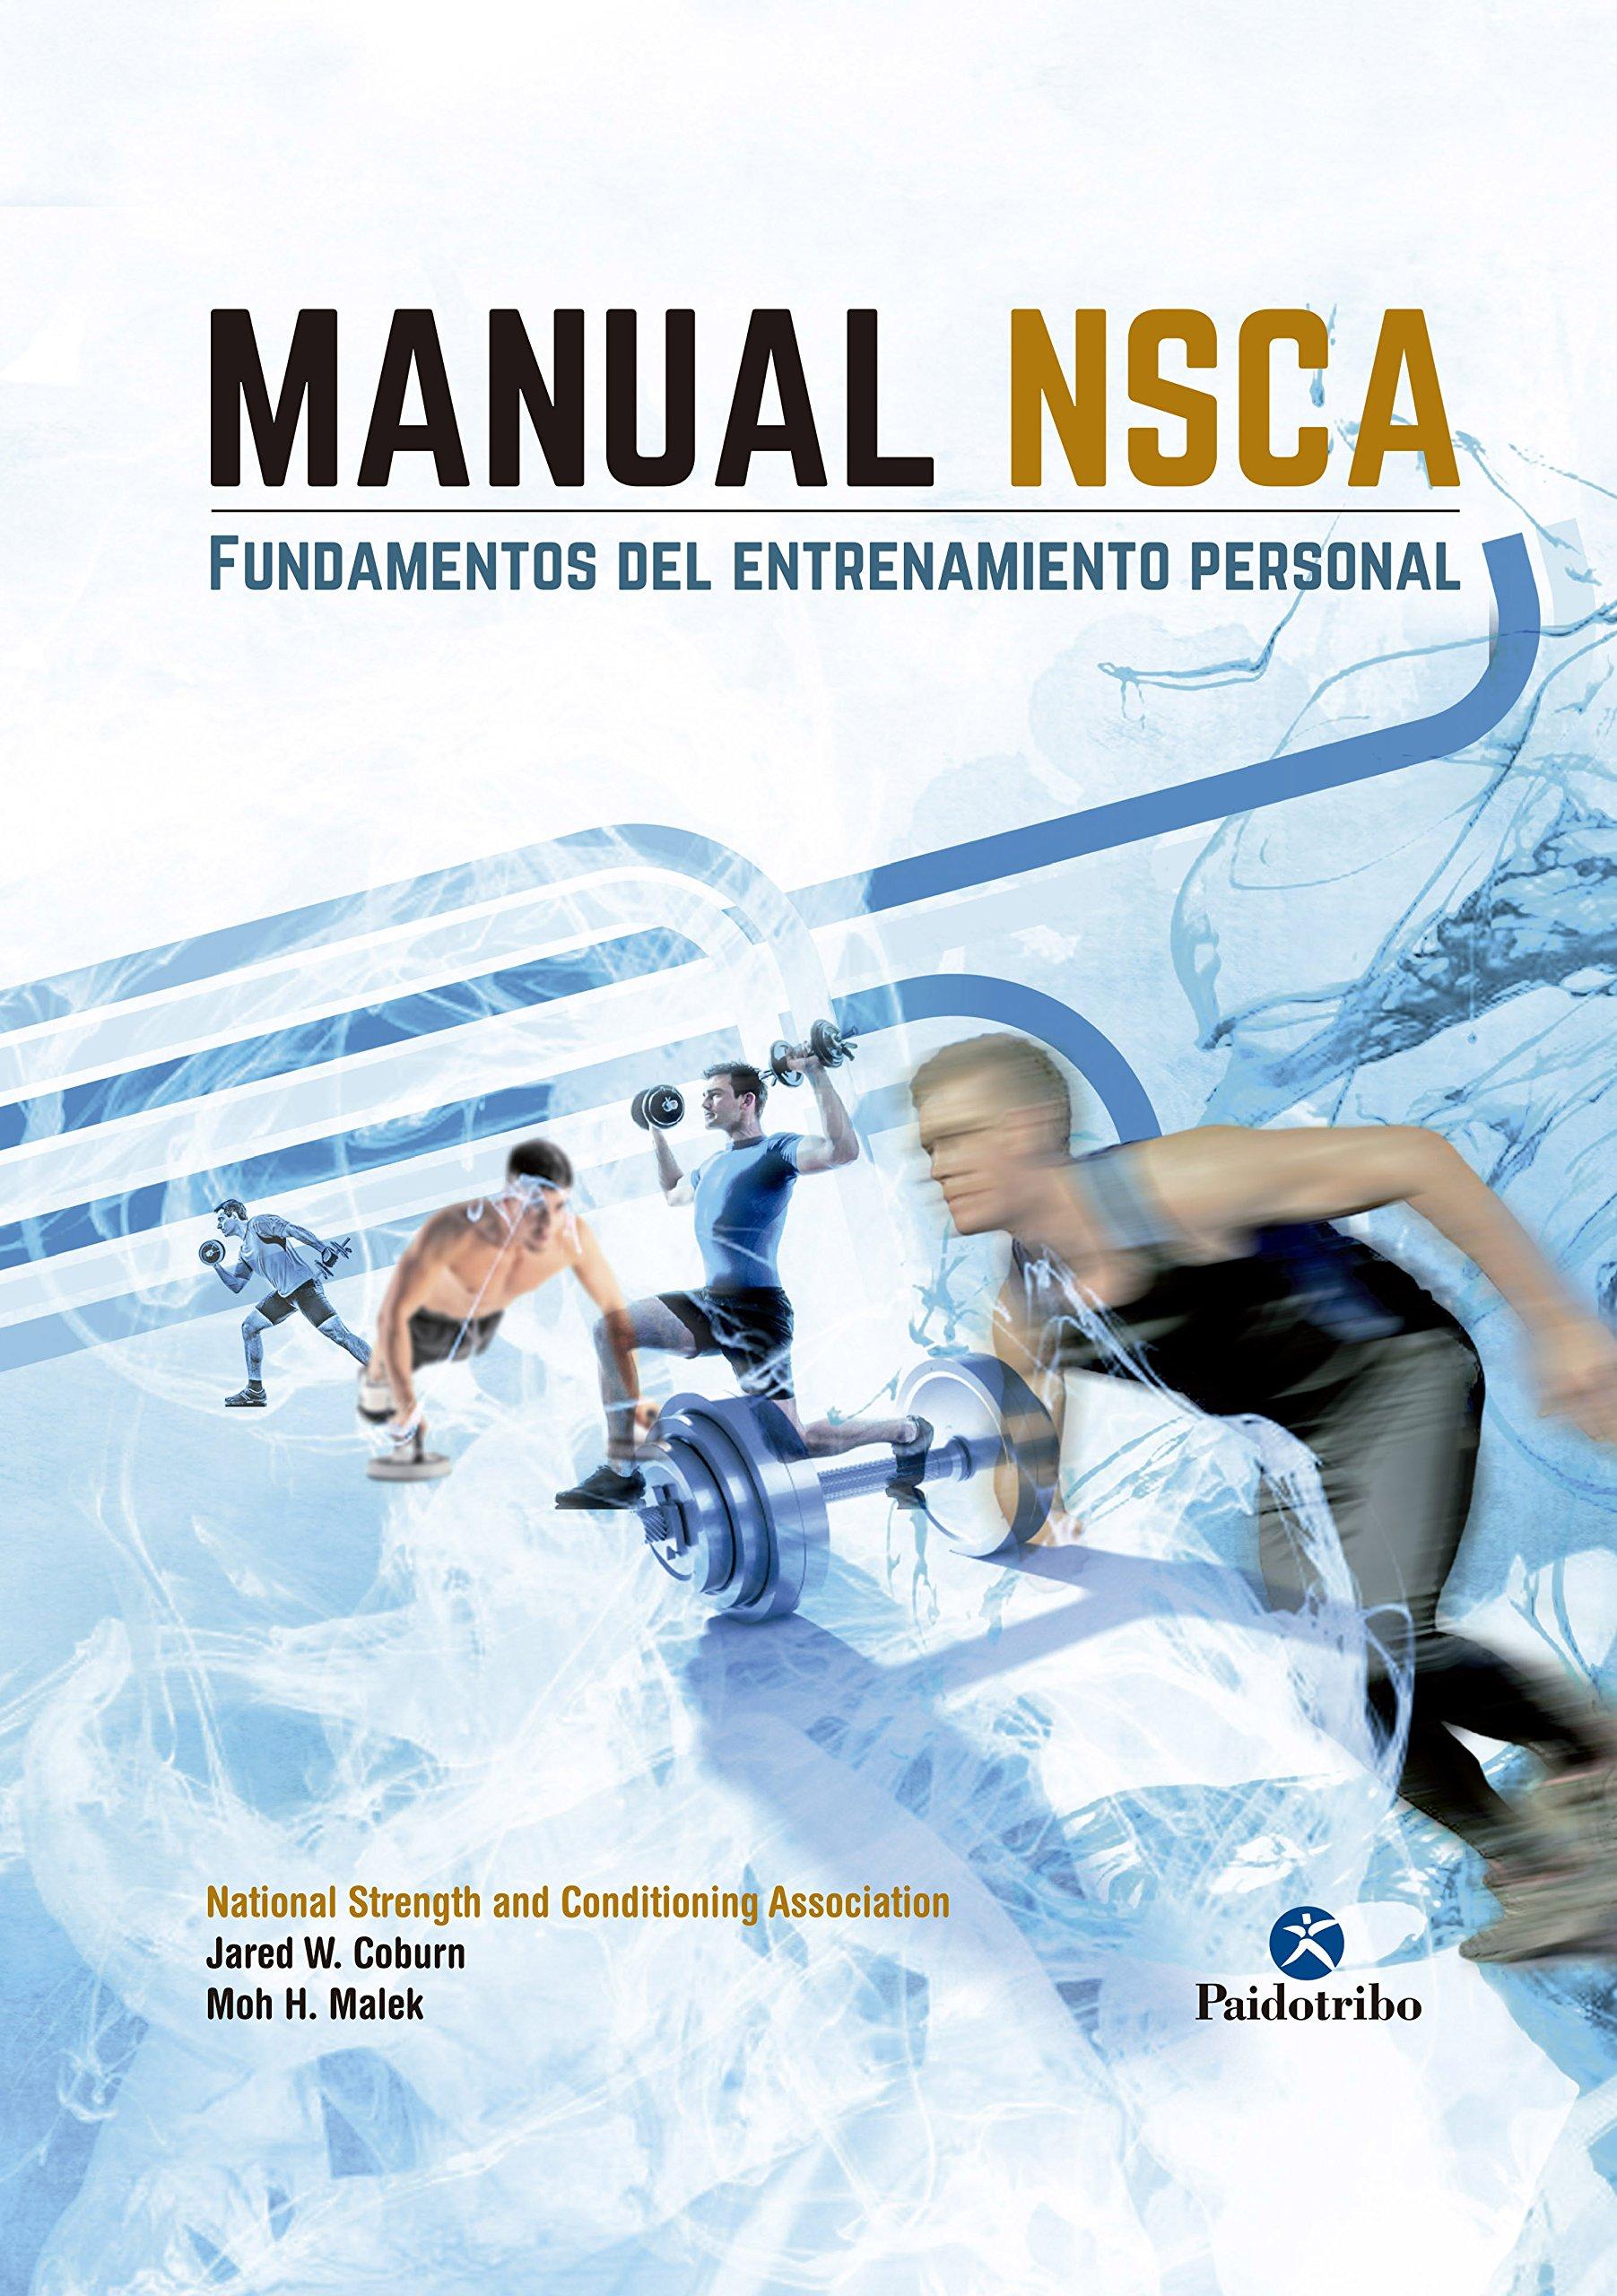 Manual NSCA: Fundamentos del entrenamiento personal (Deportes)